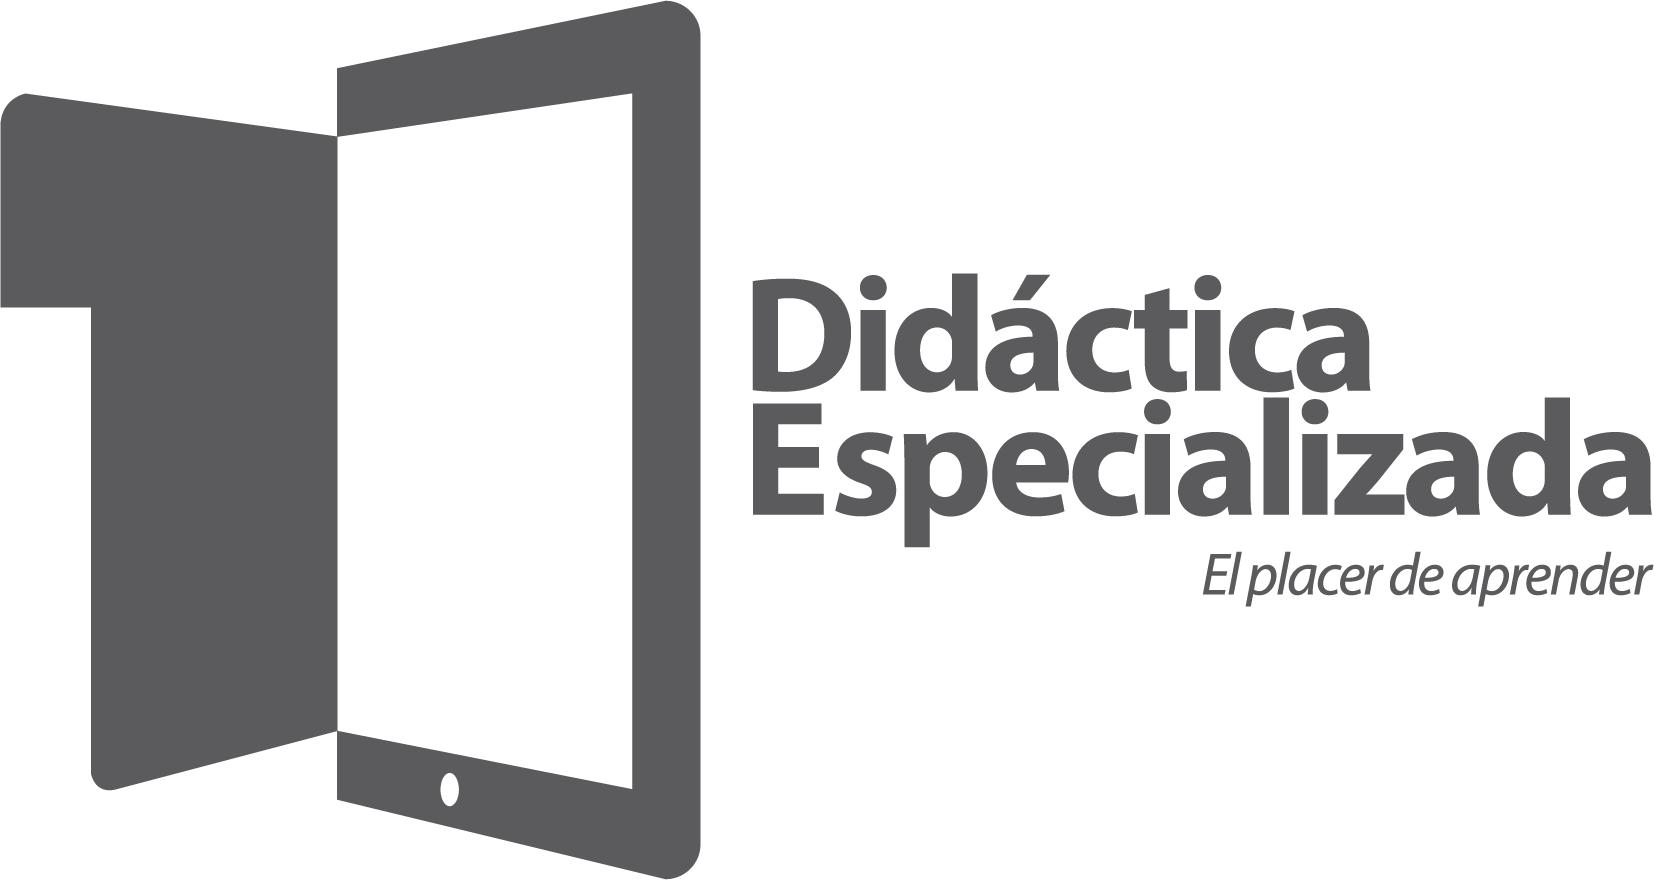 Didáctica Especializada